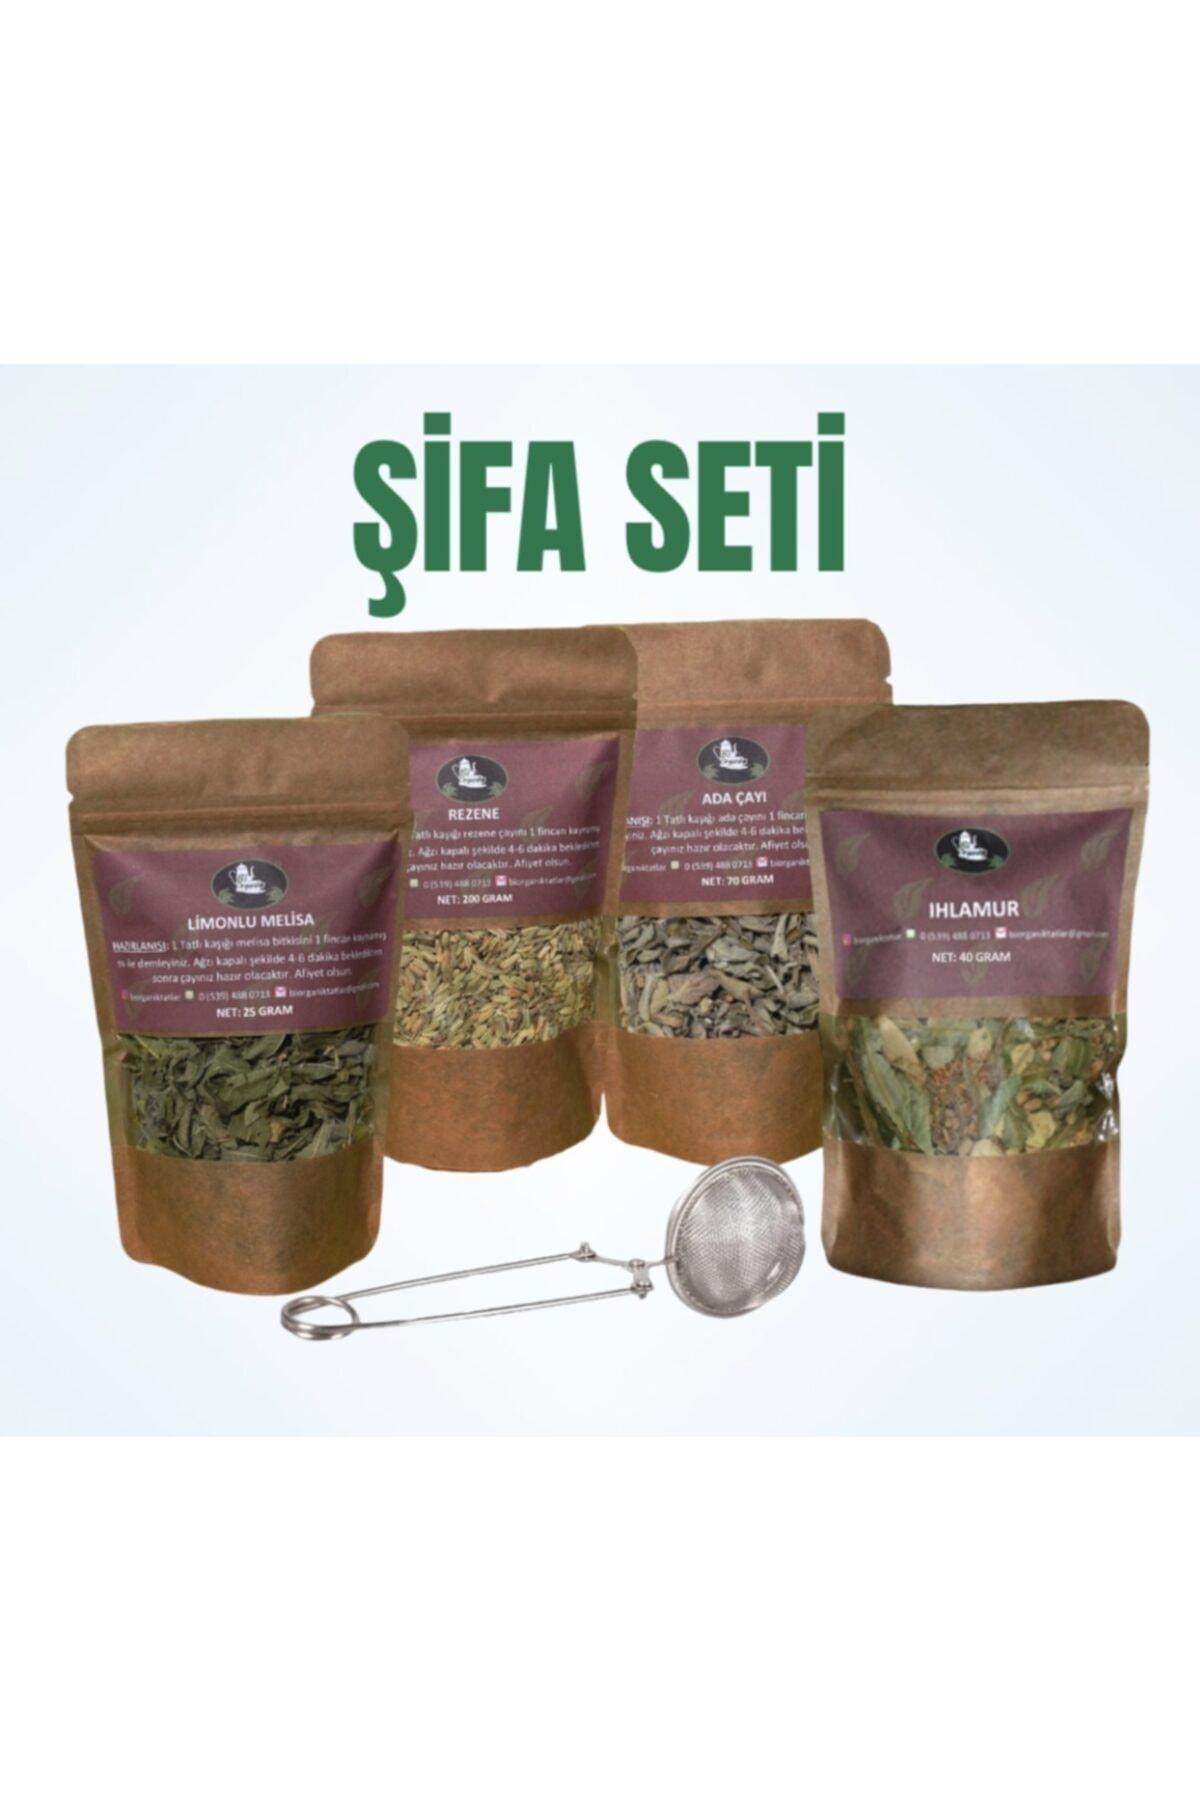 Bi Organik Kış Ayı Şifa Seti, Bitki Çayı, Süzgeç, Ihlamur, Rezene, Ada Çayı, Limon Melisa 2